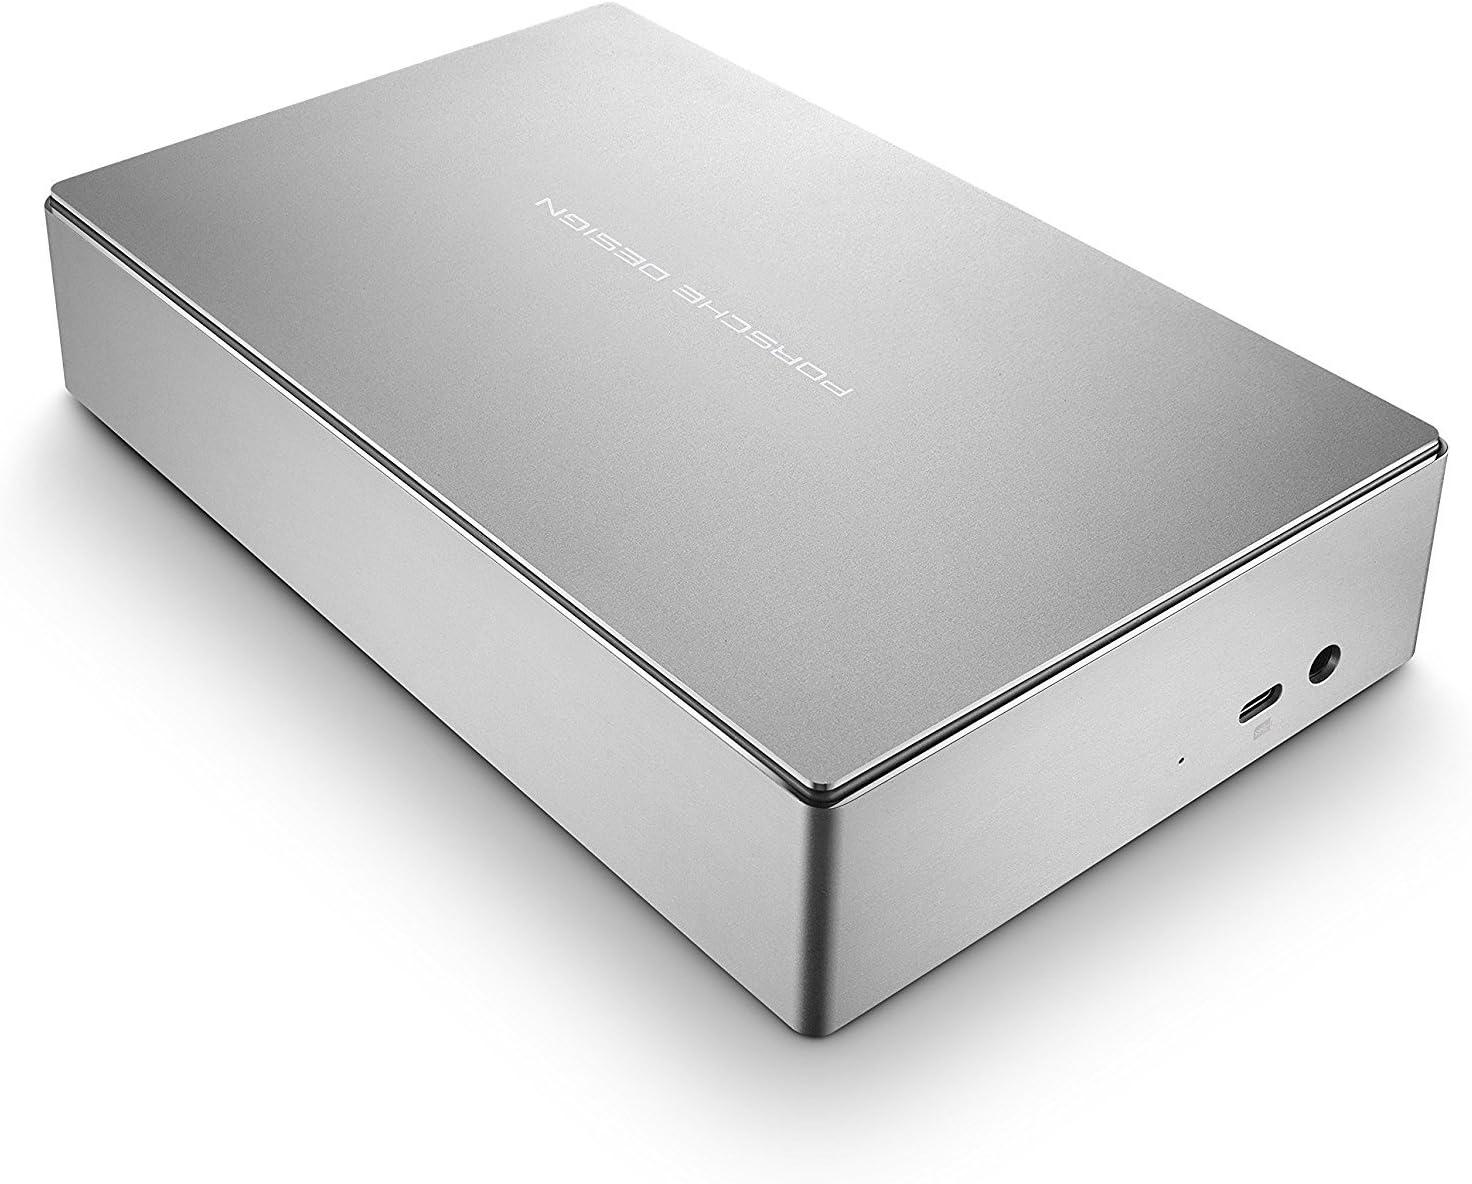 disques durs externes 3.1 Gen 1 , 5000 Mbit//s, Argent 6000 Go, USB Type-C, 3.0 LaCie Porsche Design Desktop Drive 6000Go Argent disque dur externe